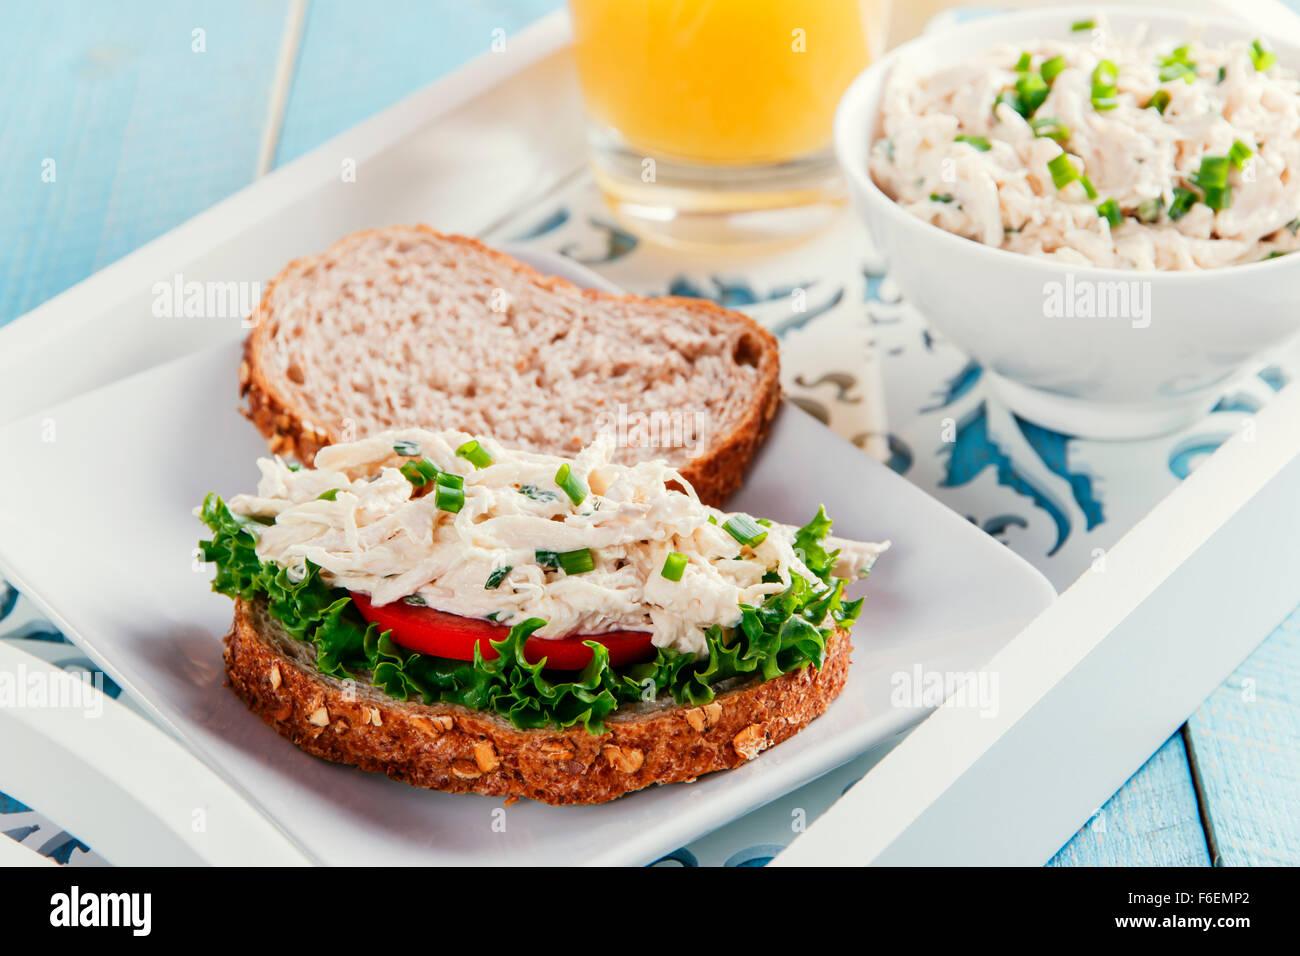 Insalata di pollo al pomodoro a sandwich Immagini Stock